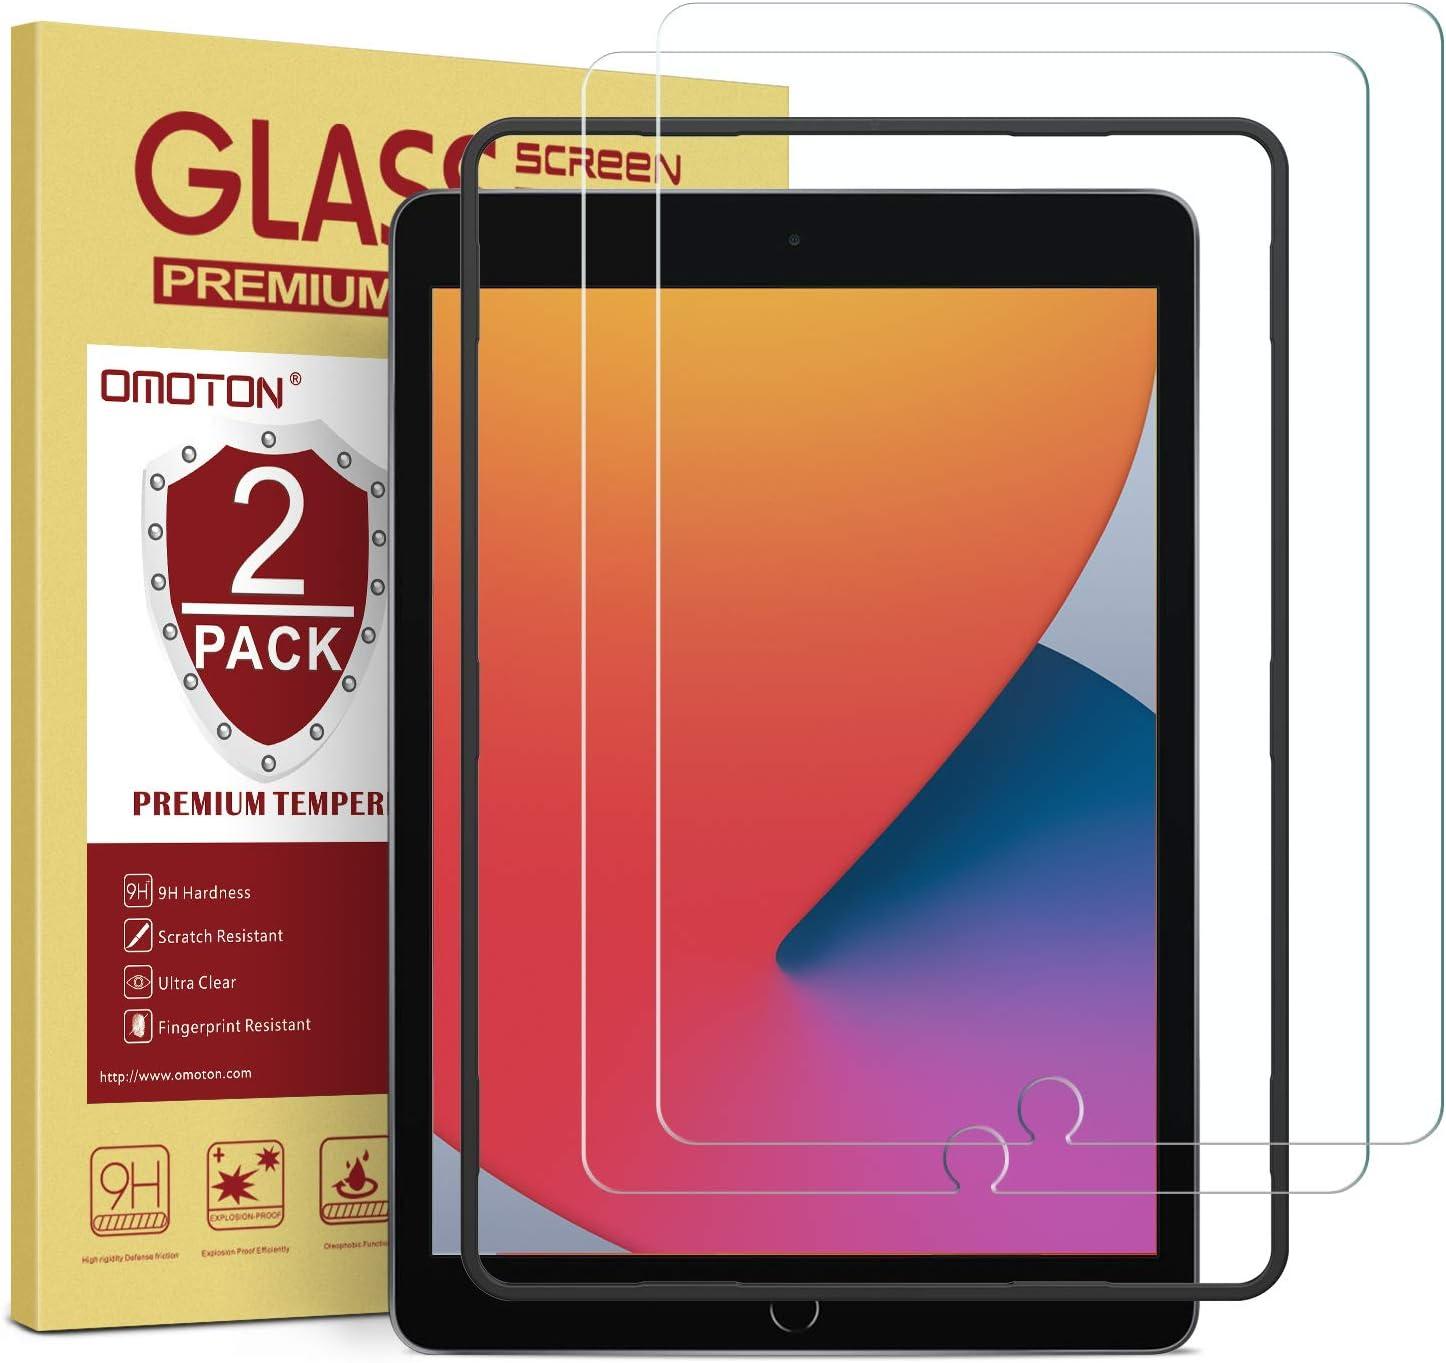 OMOTON - Protector de Pantalla para iPad 8 generación (2020)/iPad 7ª generación(2019) de 10,2 Pulgadas, iPad Air 3 2019, iPad Pro 10,5 (Cristal Templado, Alta definición, sin Burbujas)